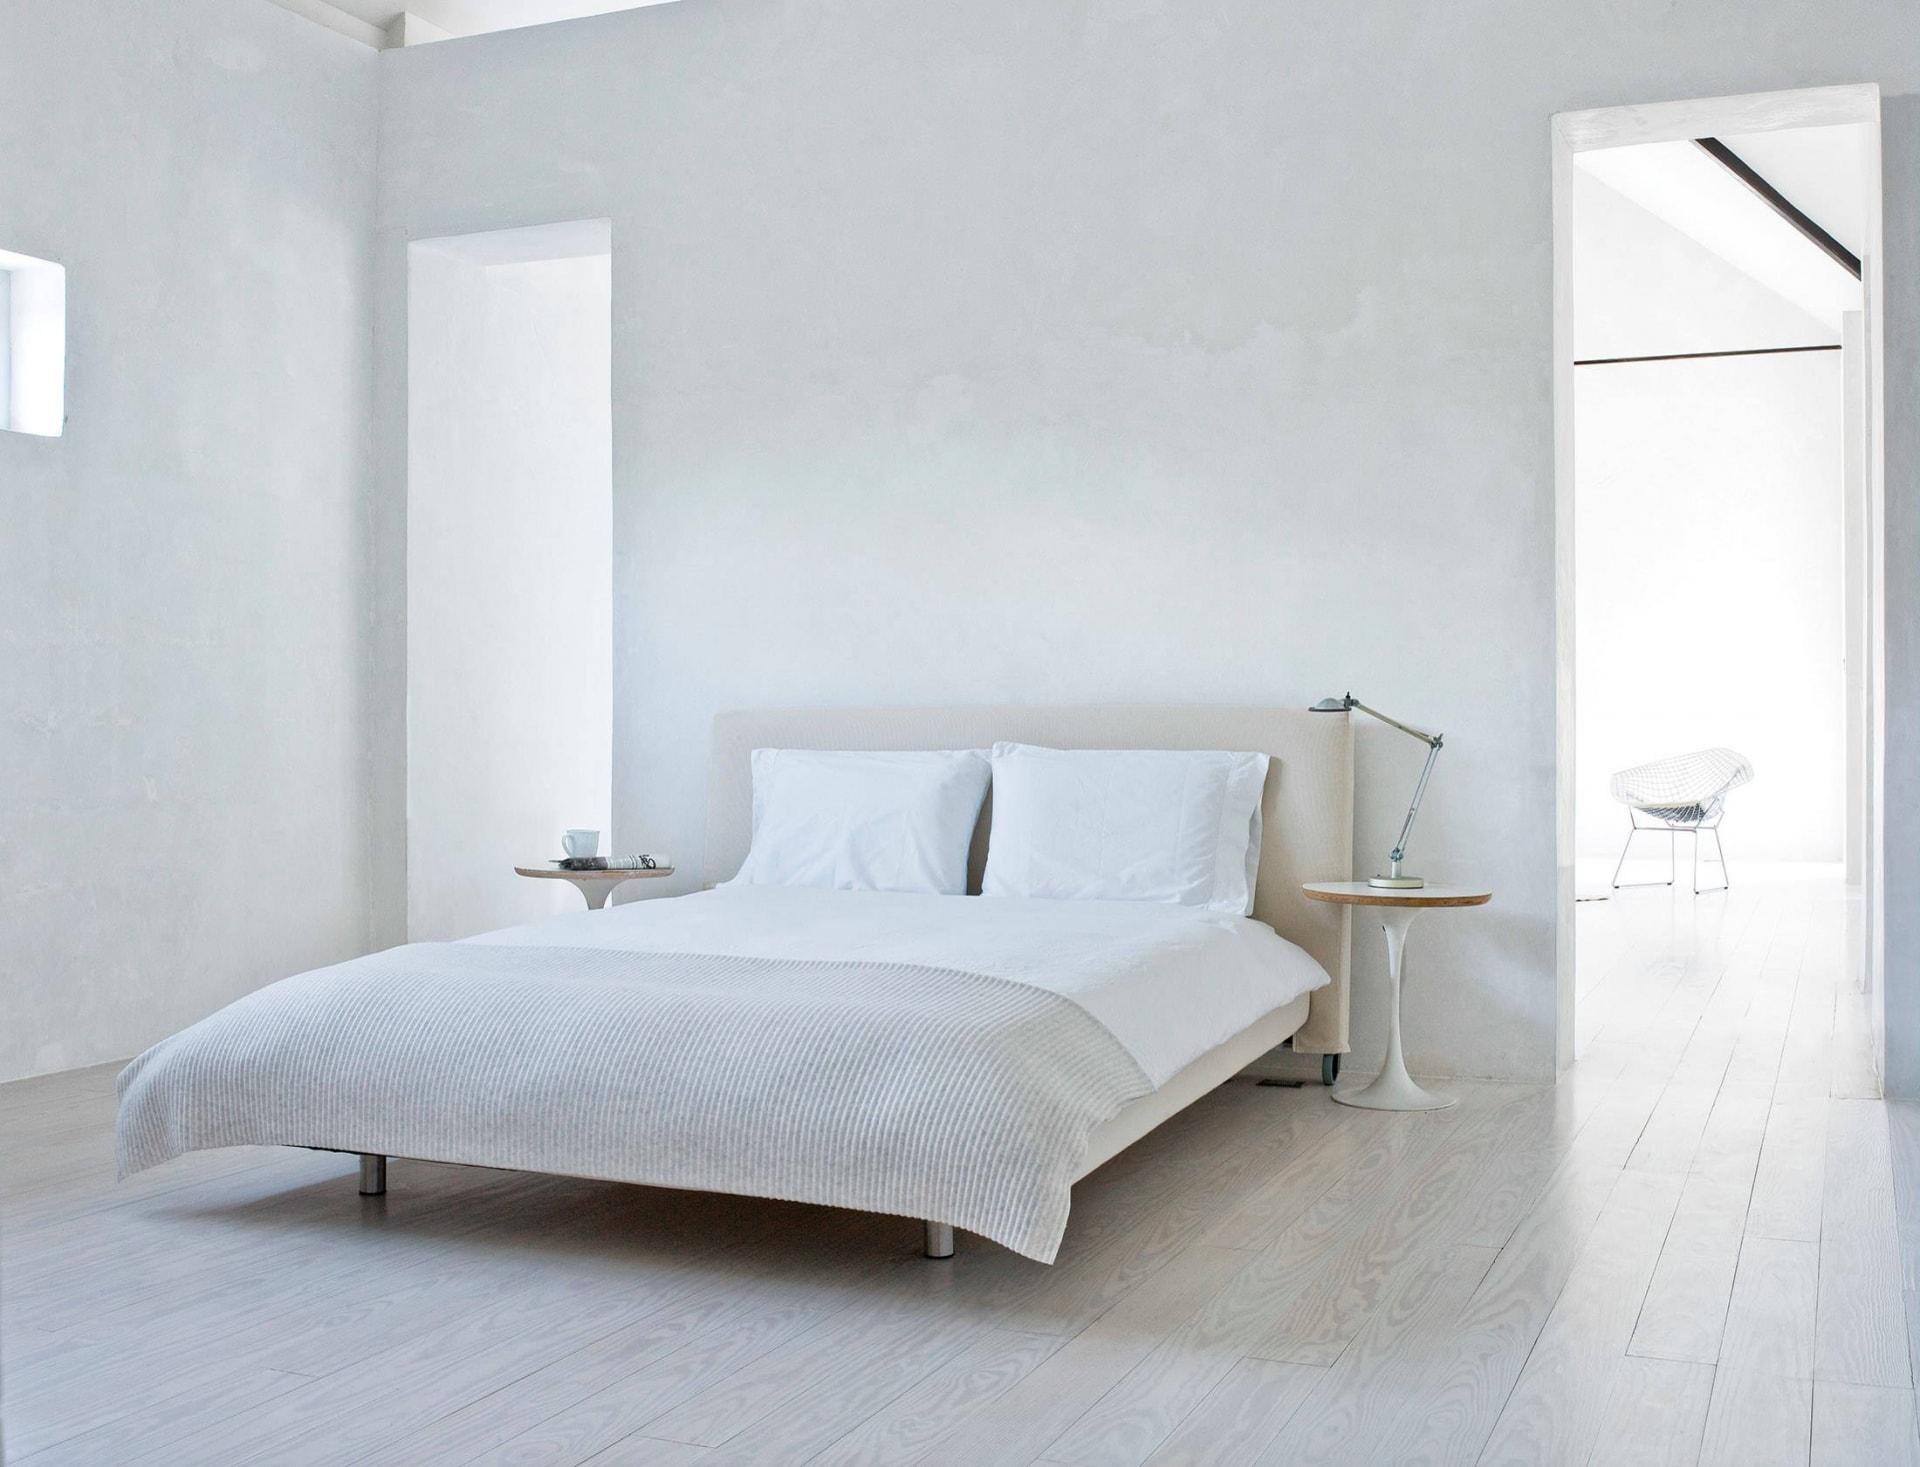 Основные стили спальни варианты